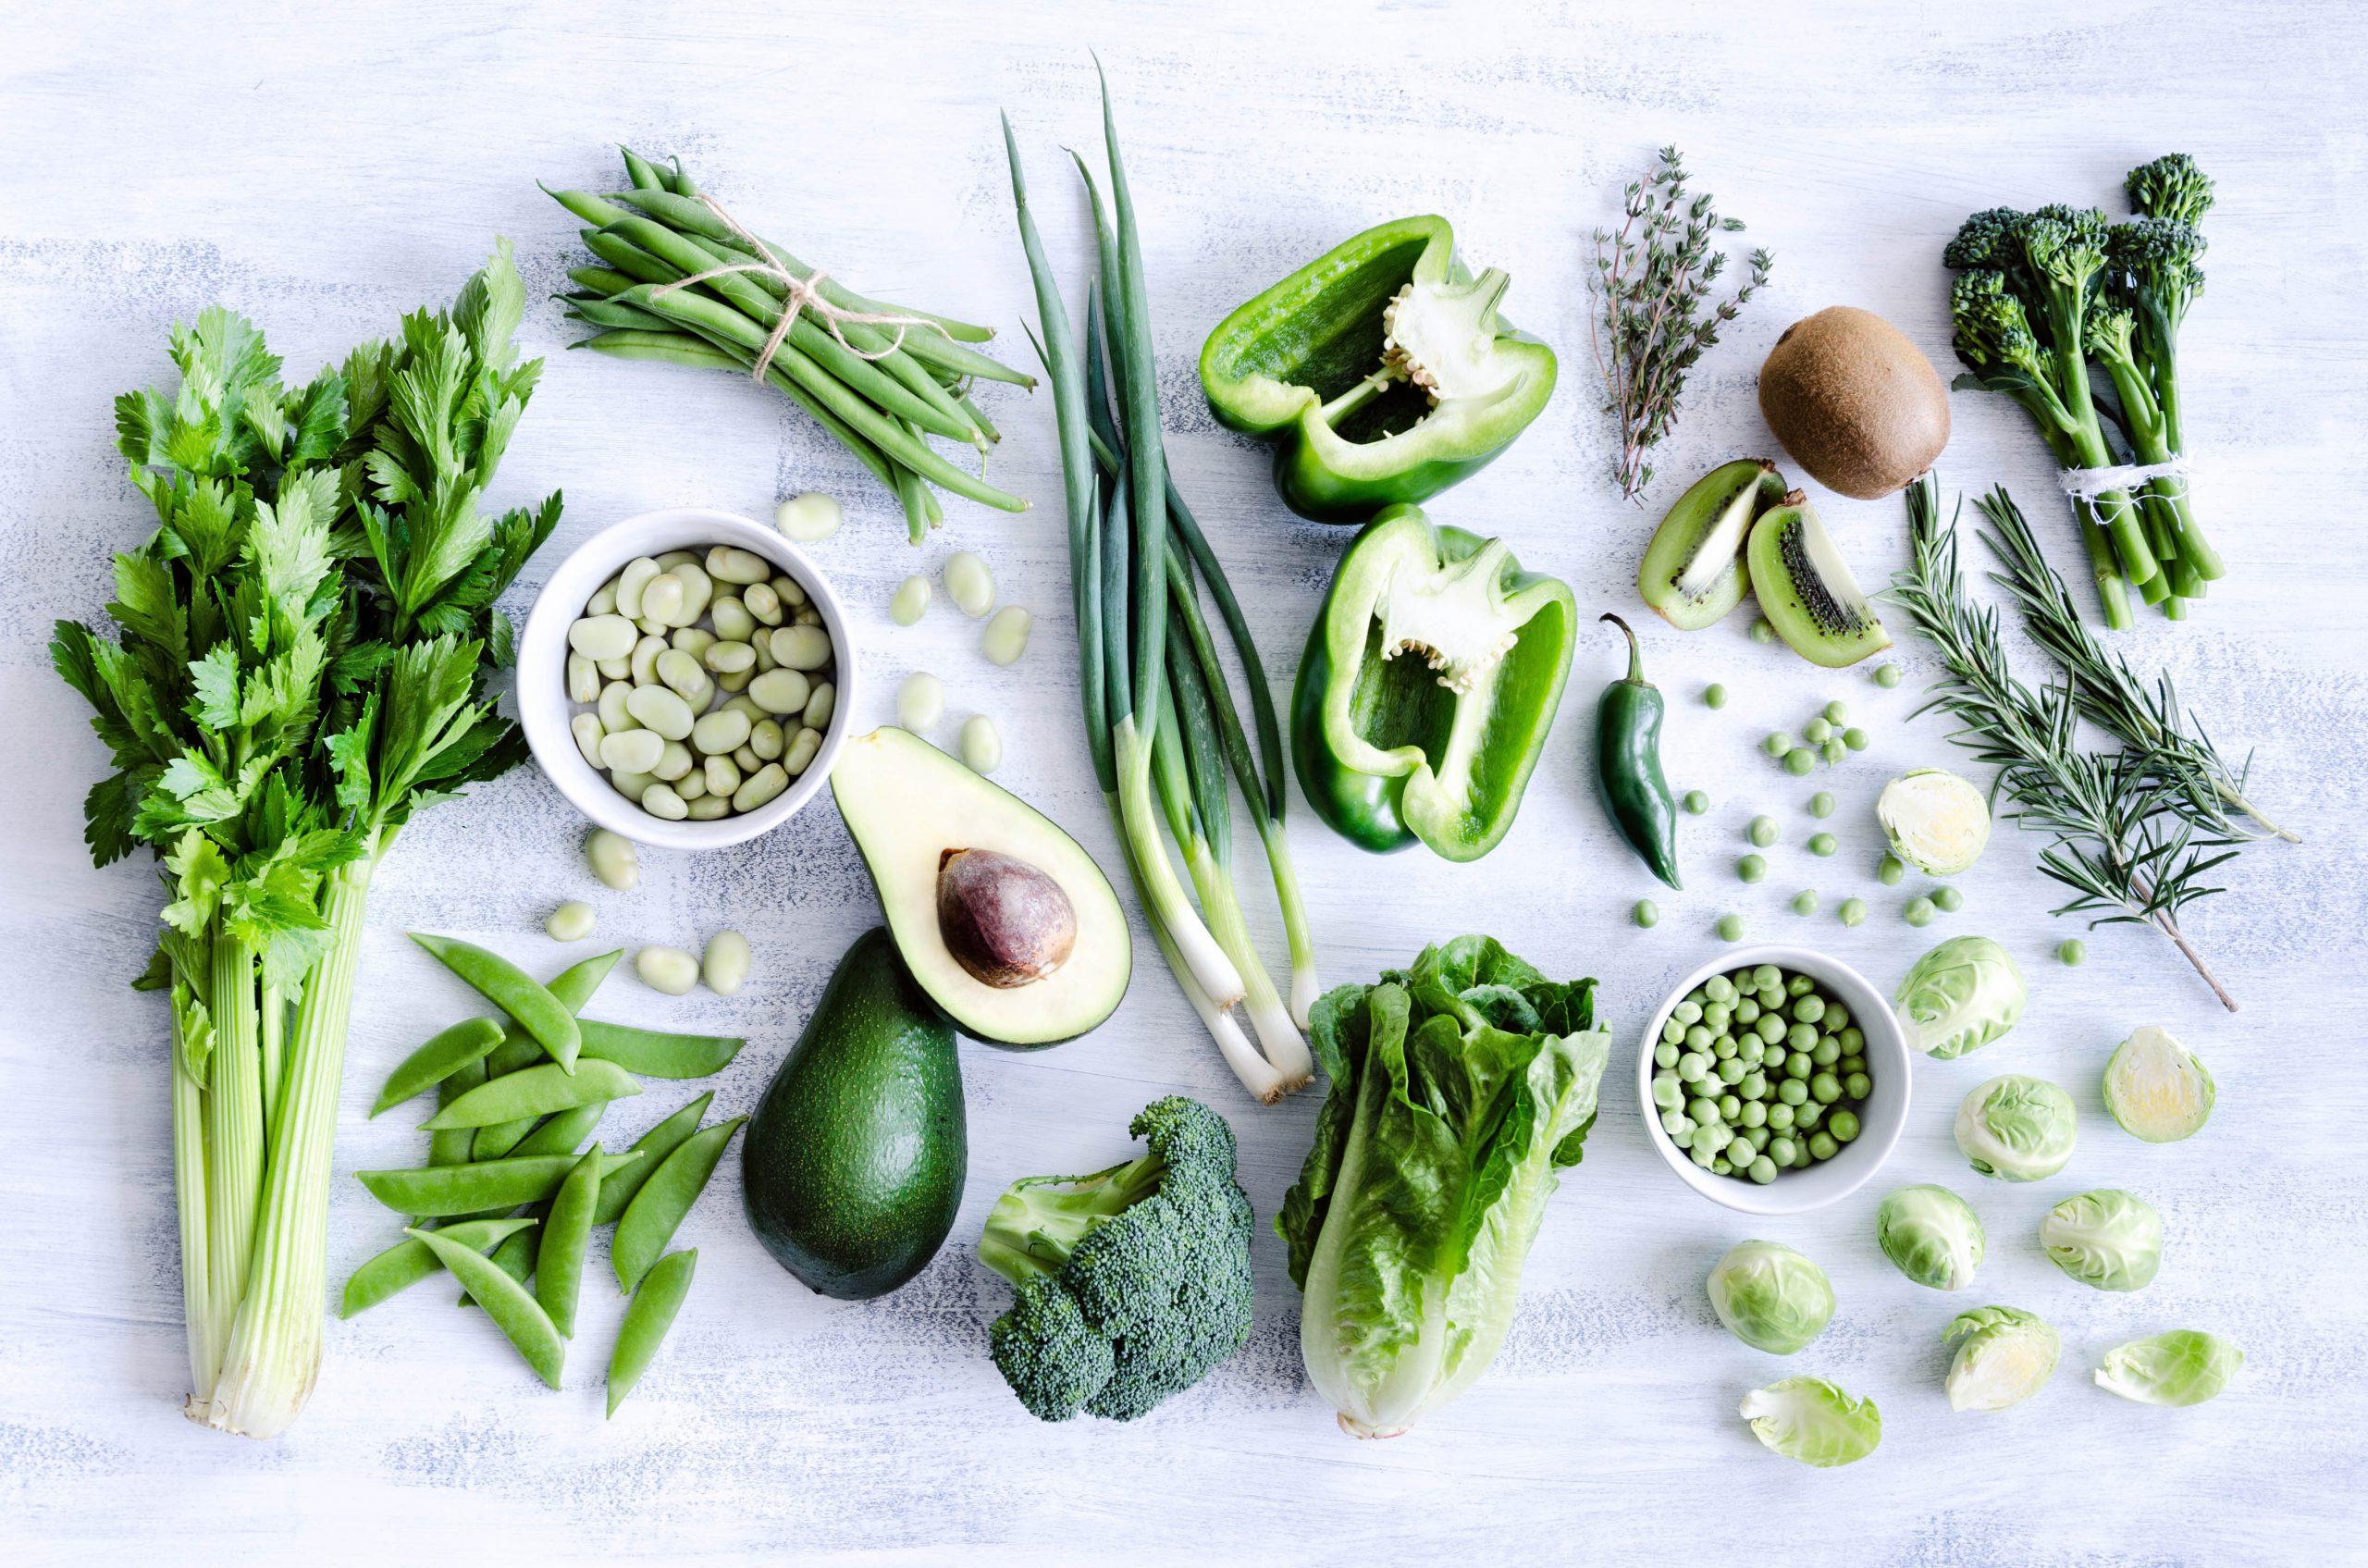 Bør man skifte til veganer skønhedsprodukter?